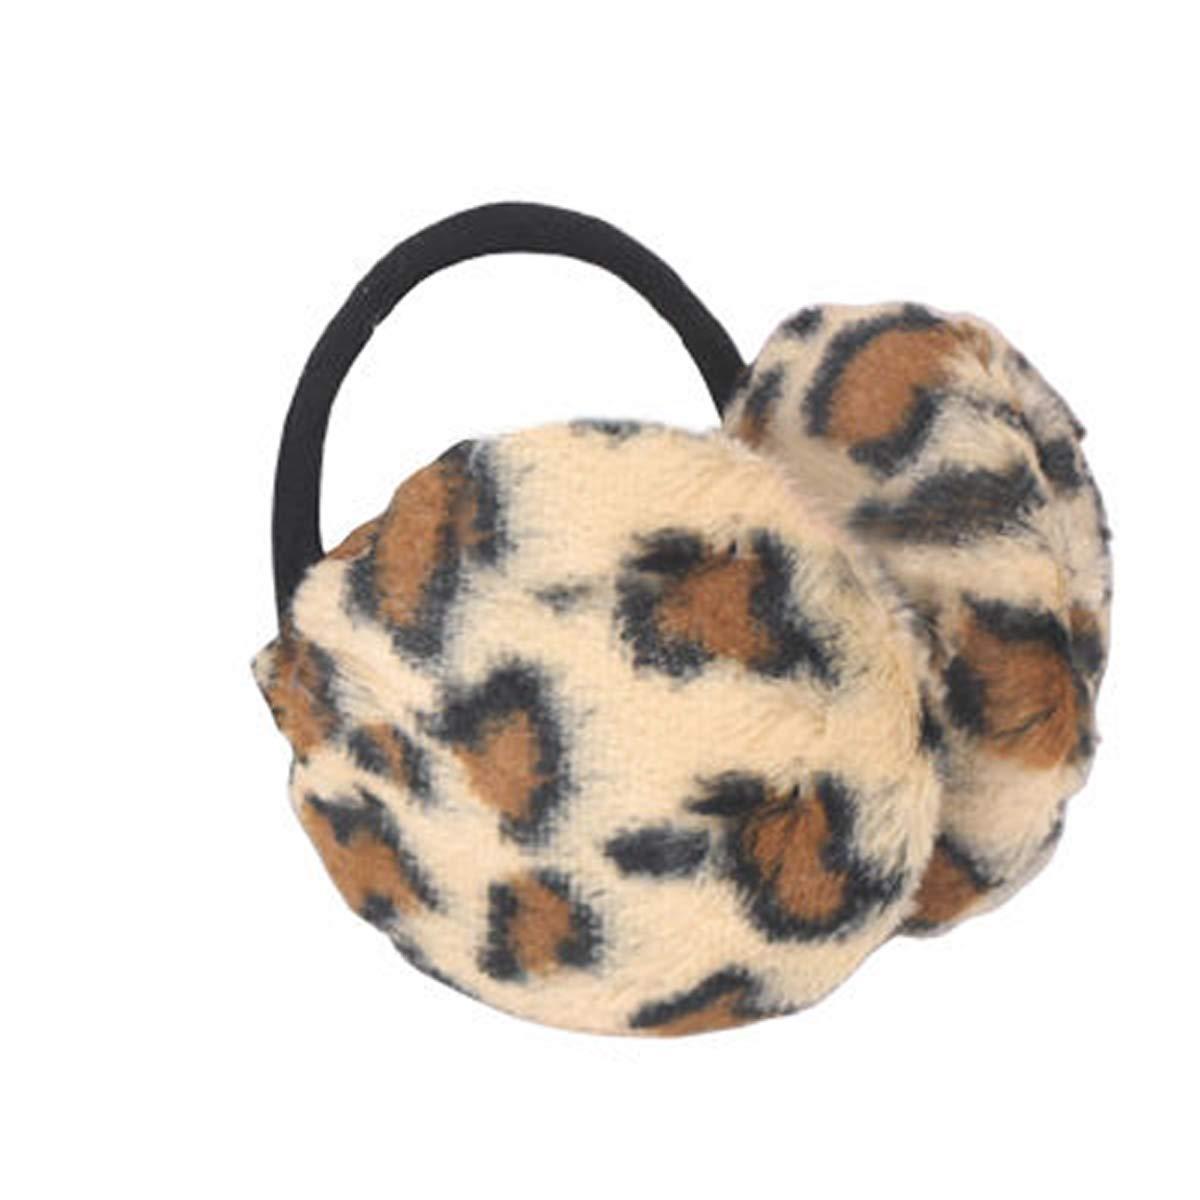 Unisex Animal Print Ear muffs Earmuffs Ear Warmers Headwear Winter Headband Tiger Leopard